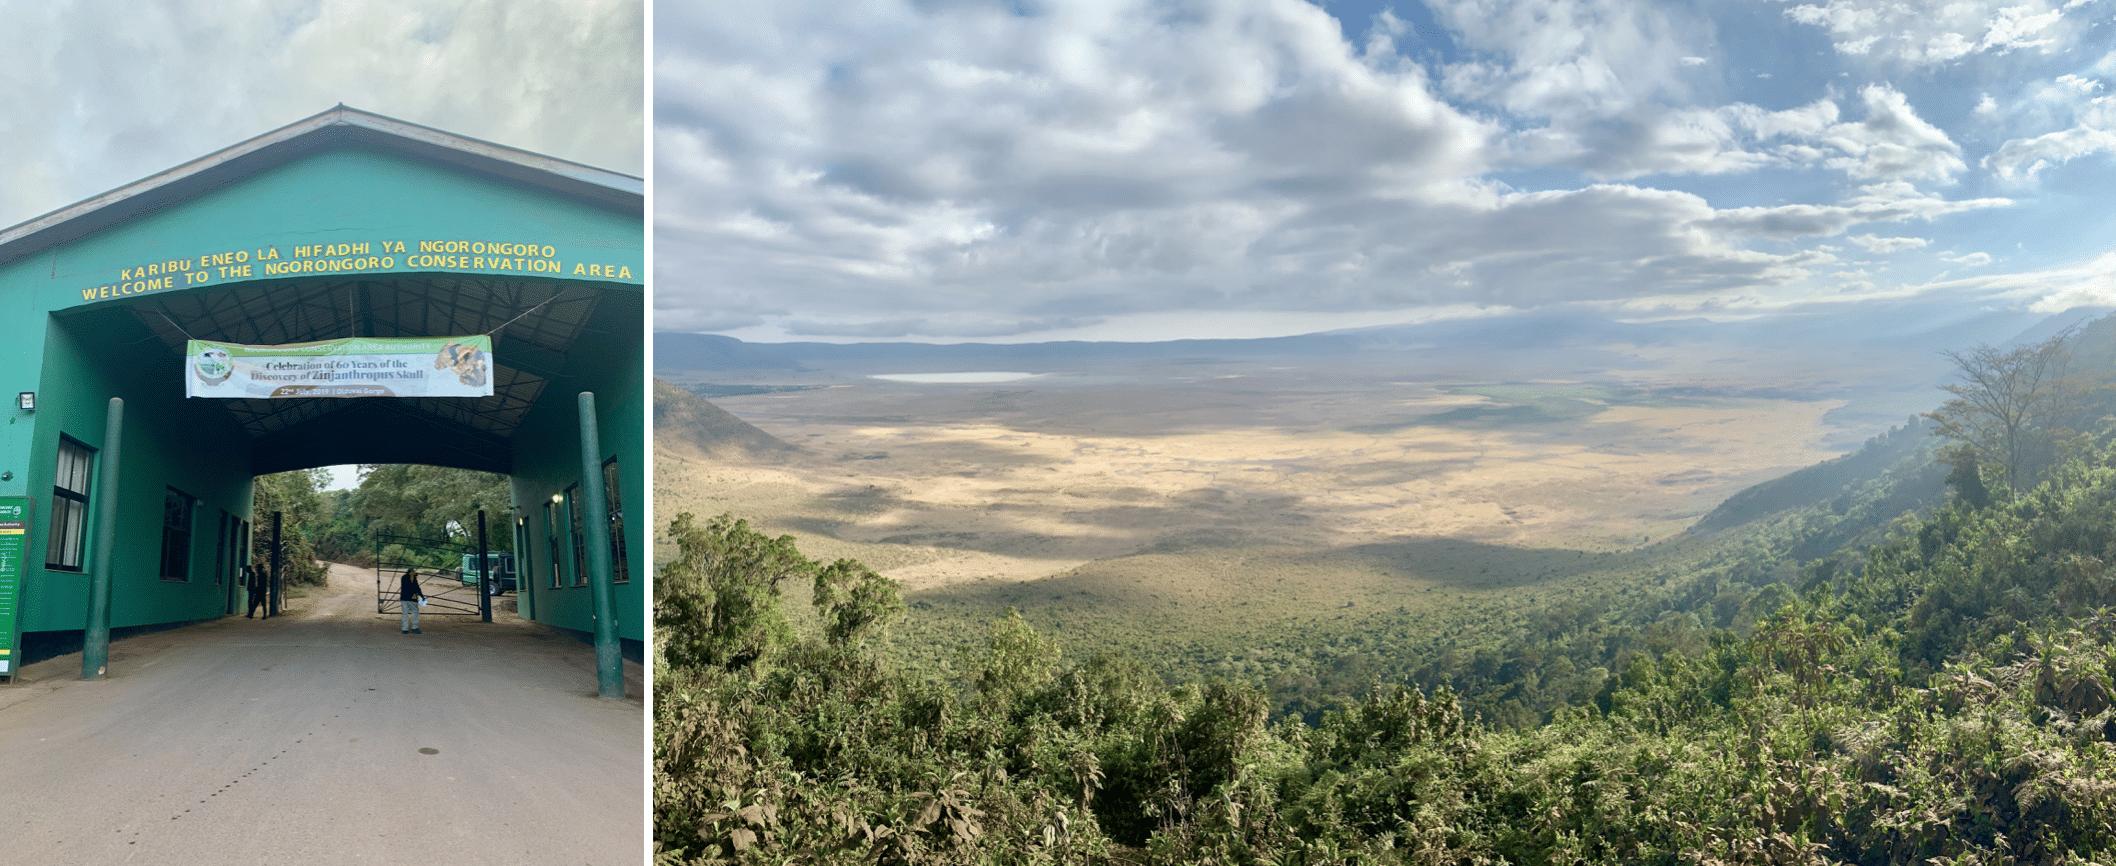 entree dans la zone de conservation du ngorongoro